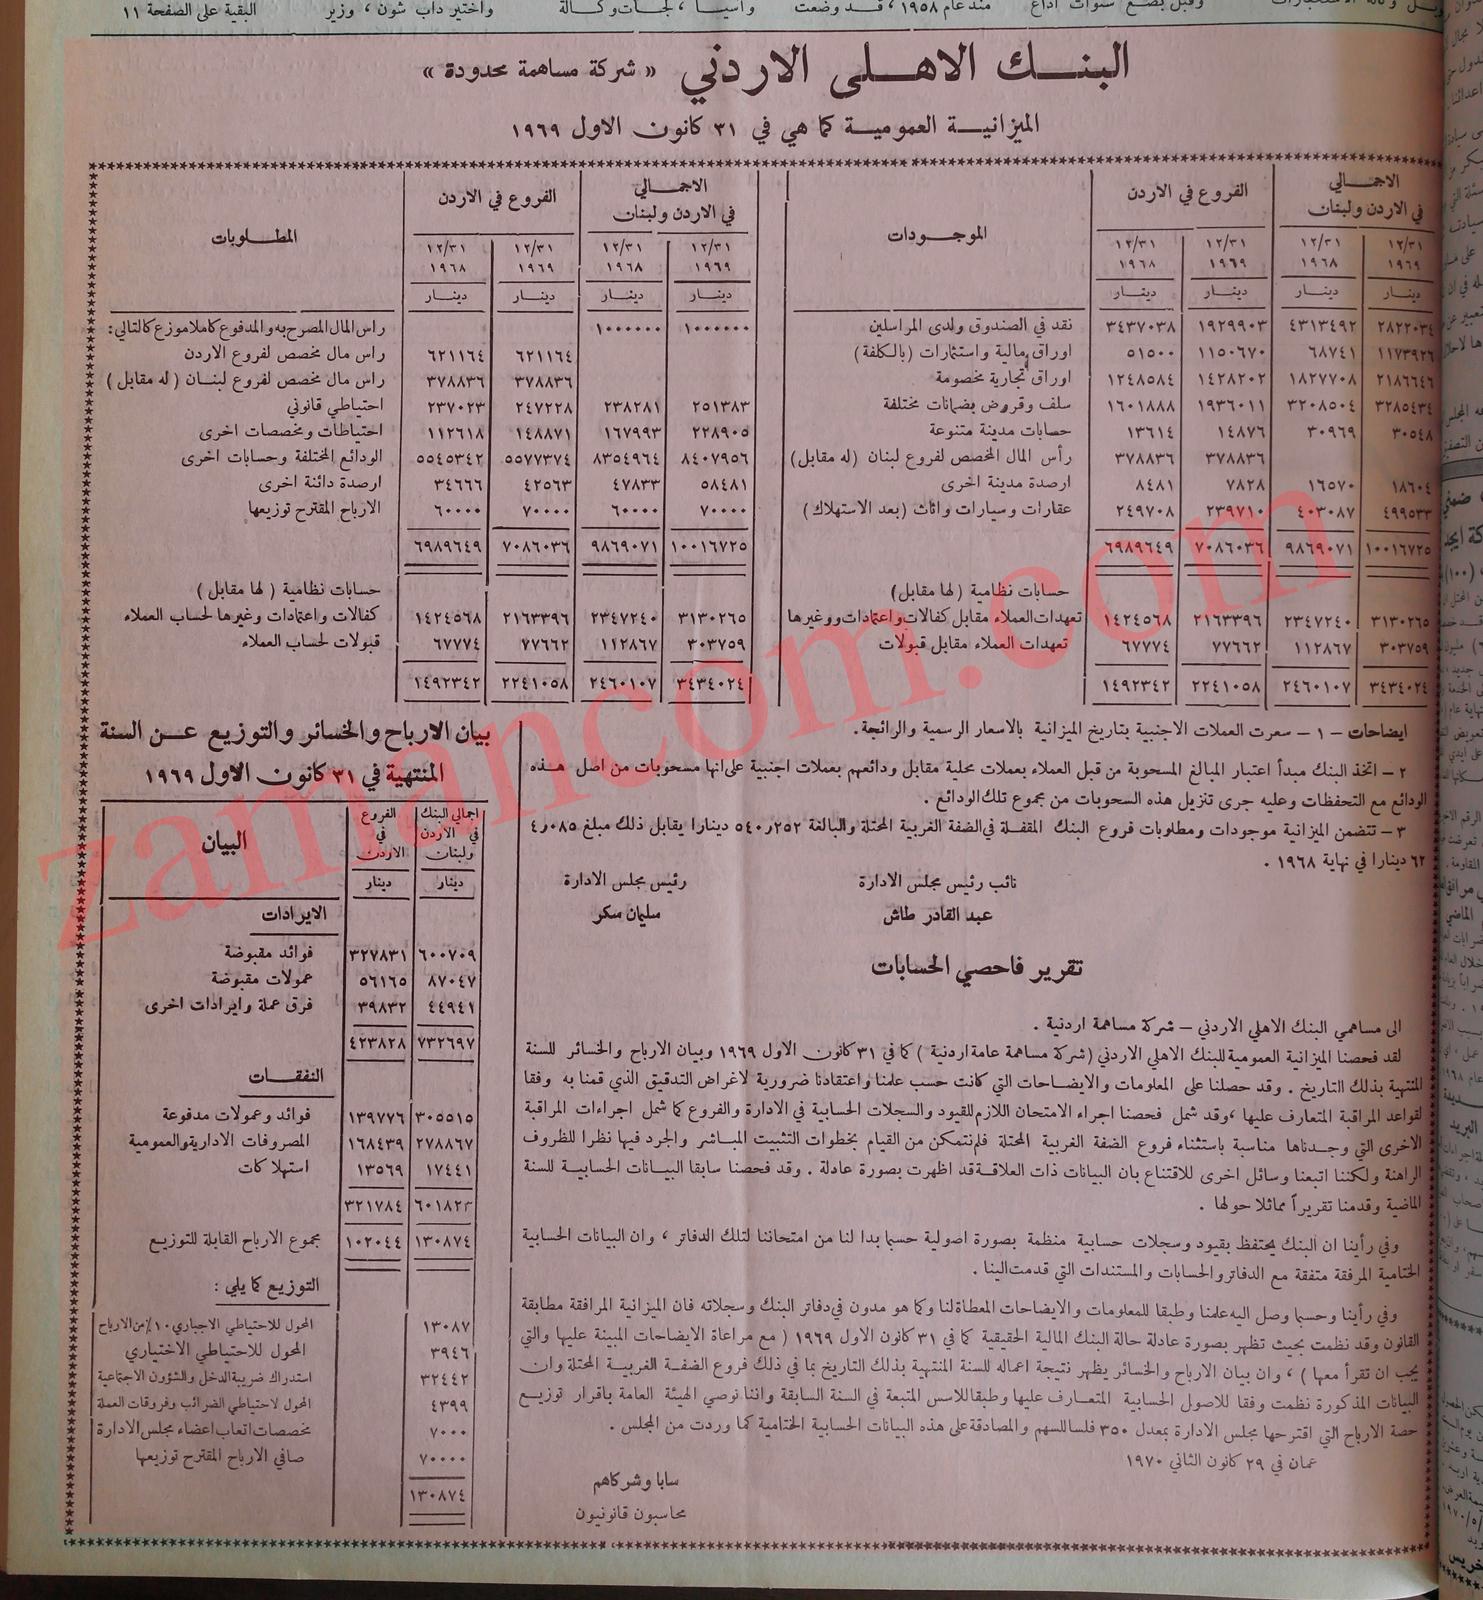 الميزانية العمومية للبنك الأهلي للعام 1969